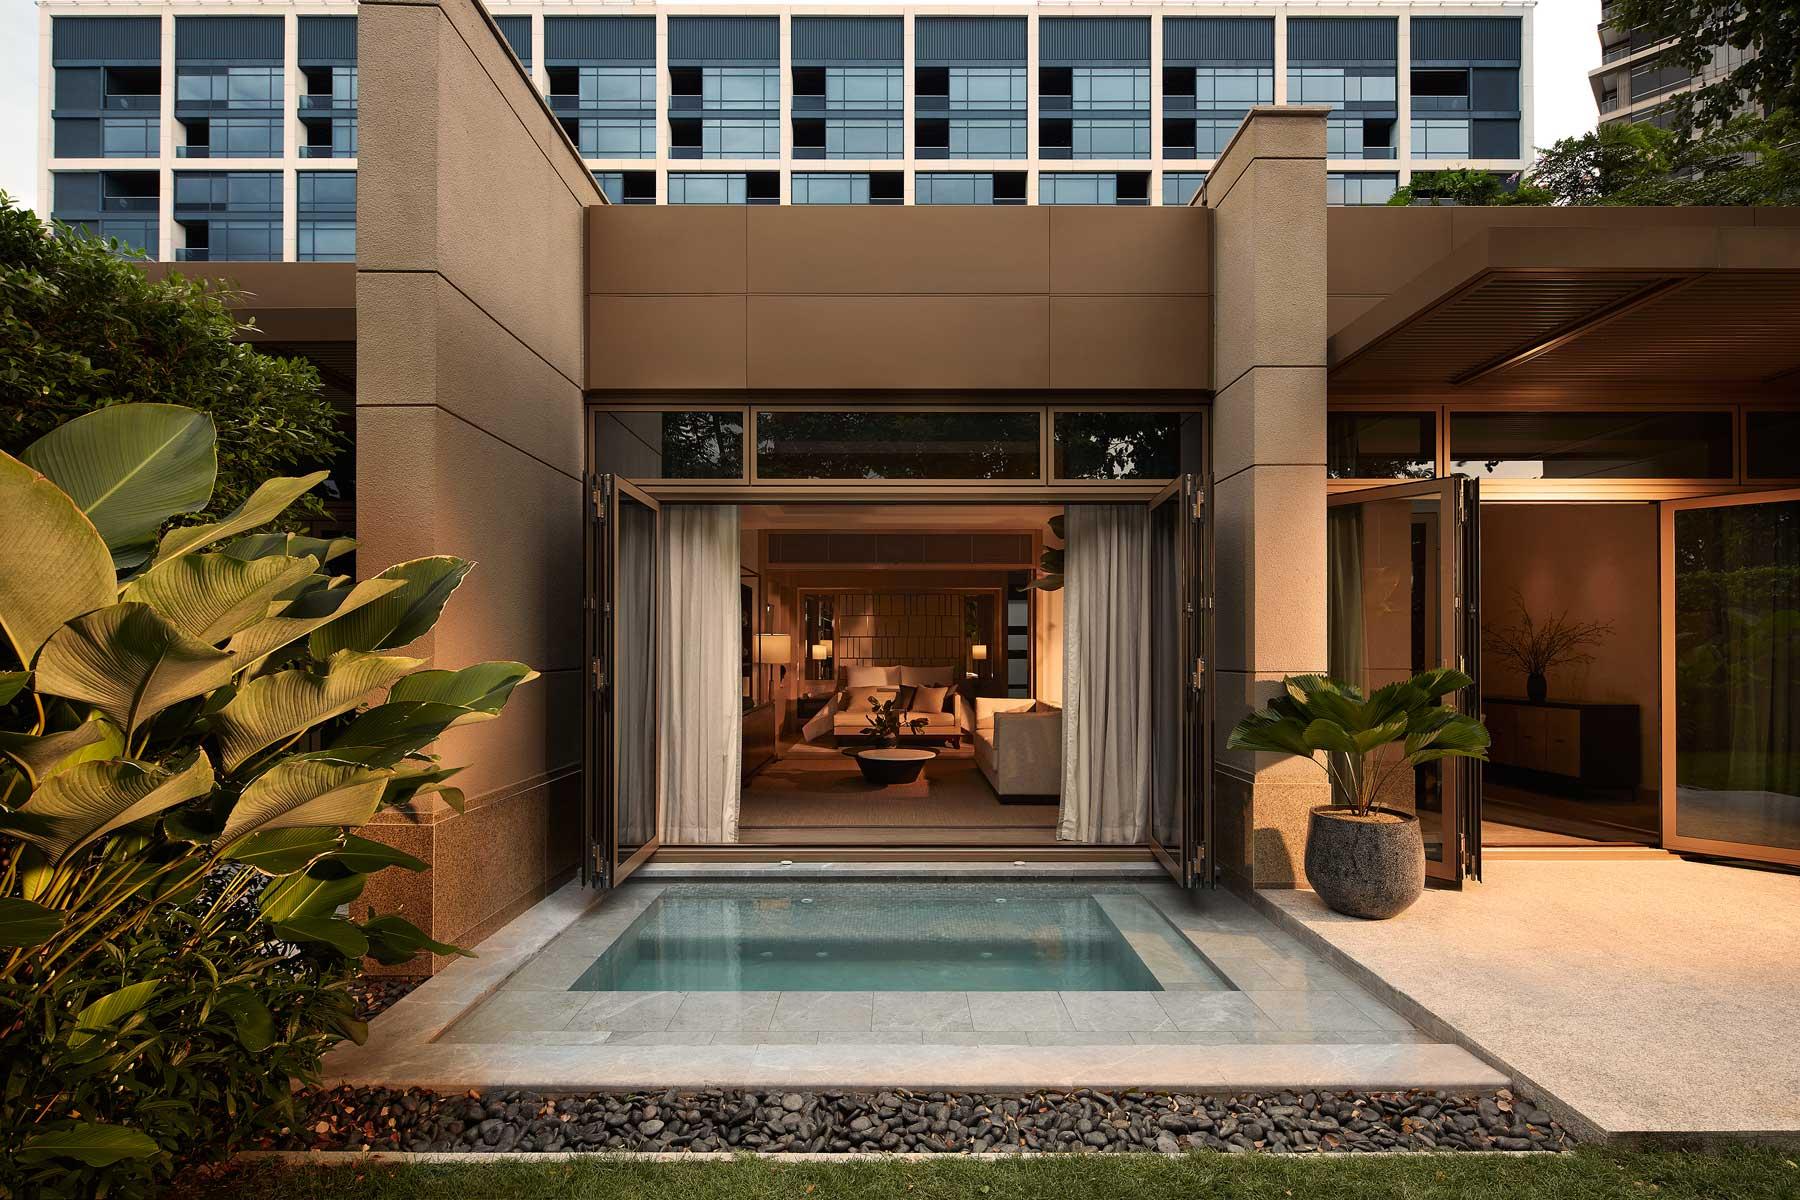 Hotel in Phu Yen named among world's best